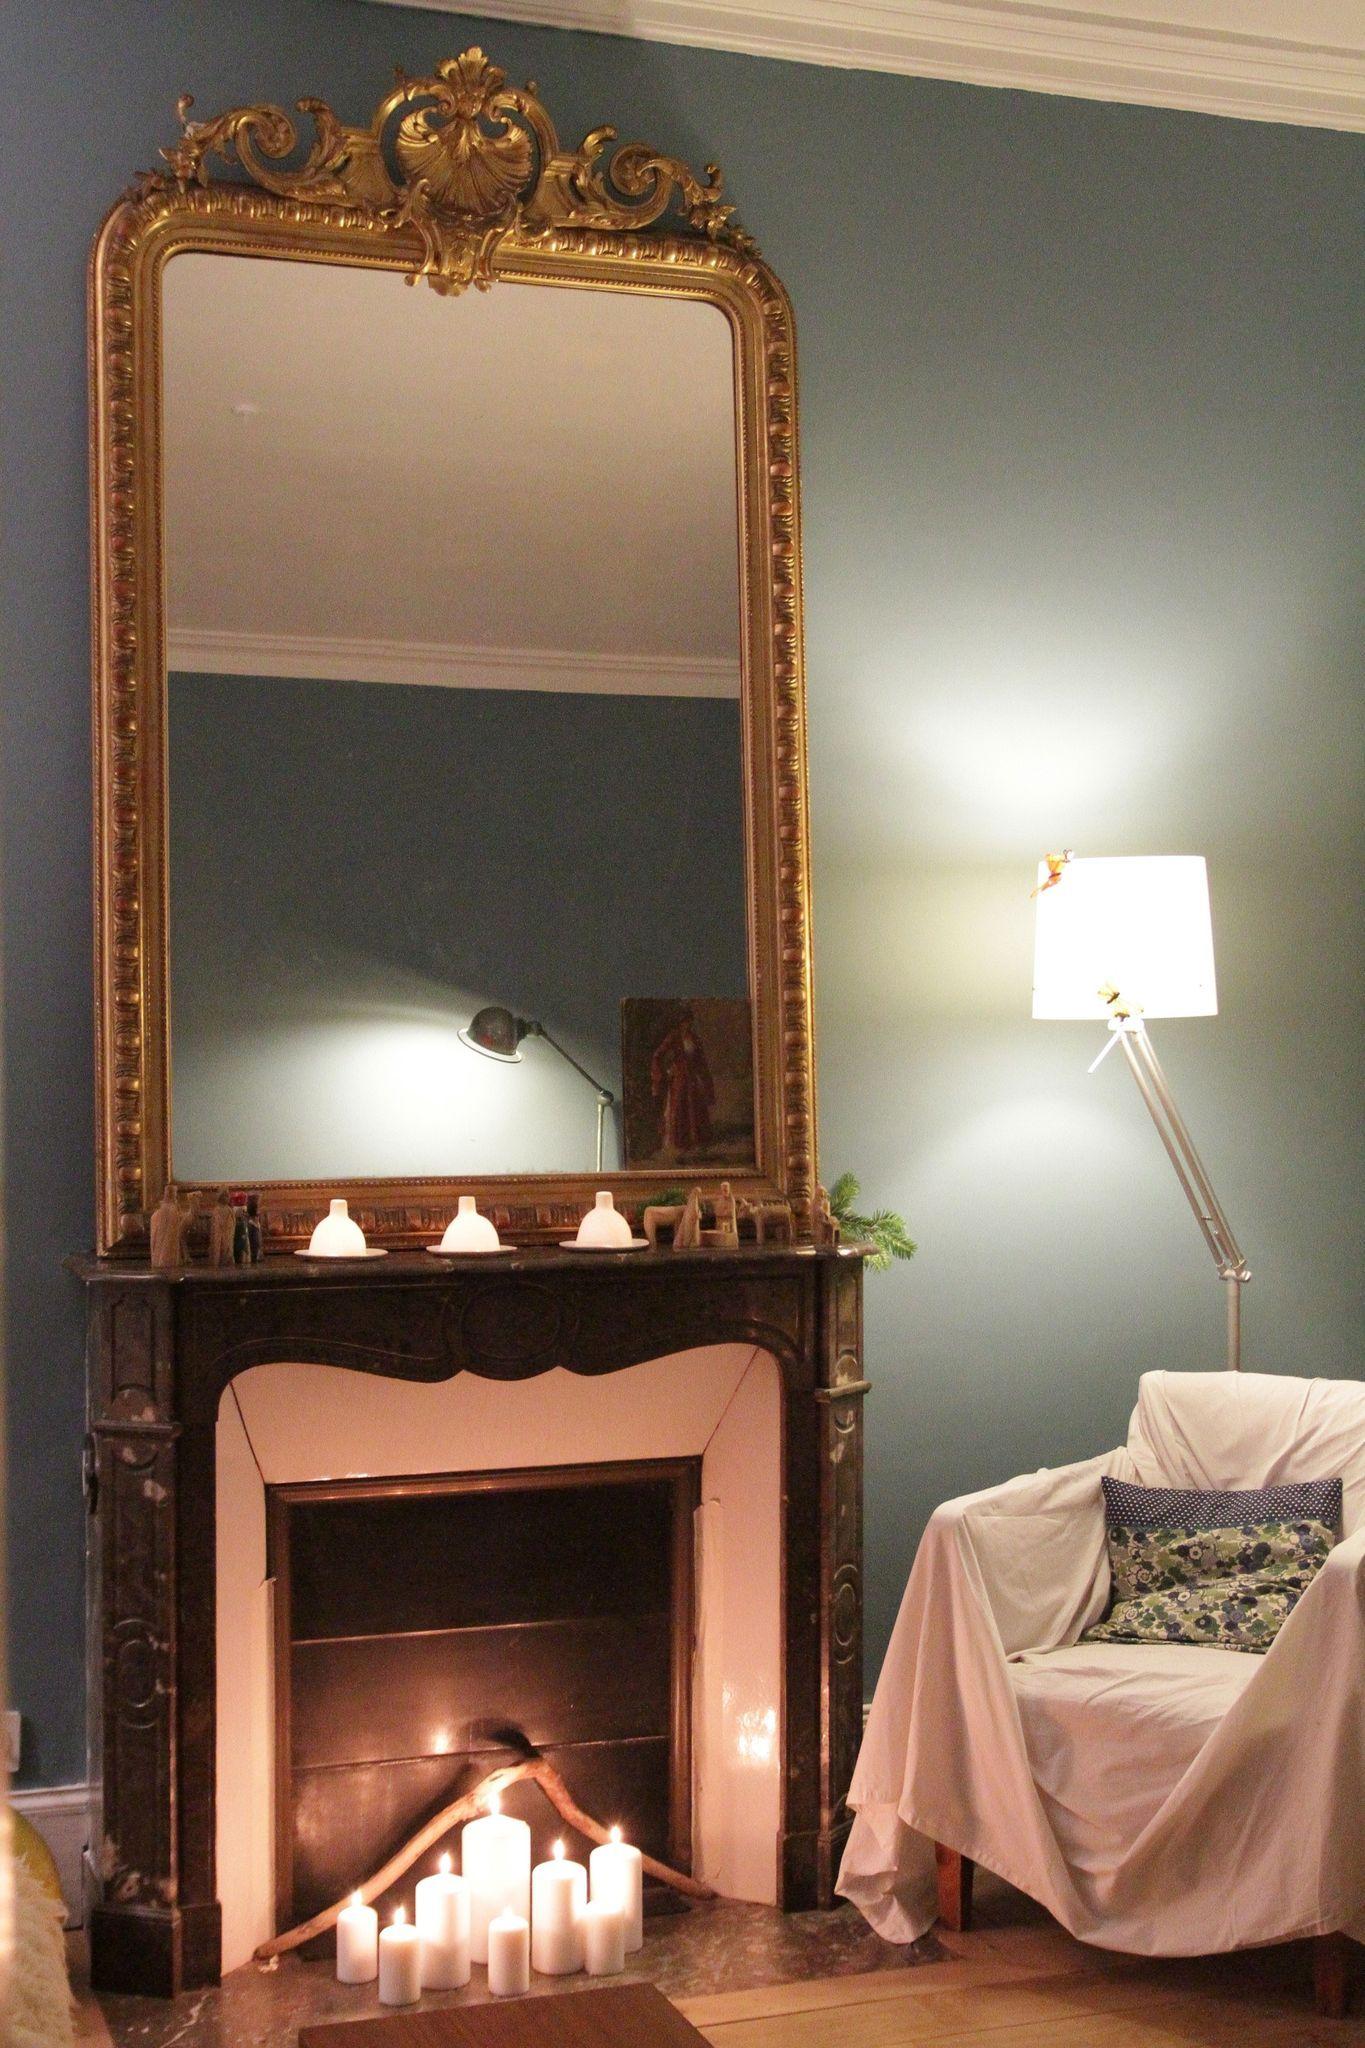 coin chemin e indoor spaces en 2019 miroir chemin e d co salon et d coration maison. Black Bedroom Furniture Sets. Home Design Ideas